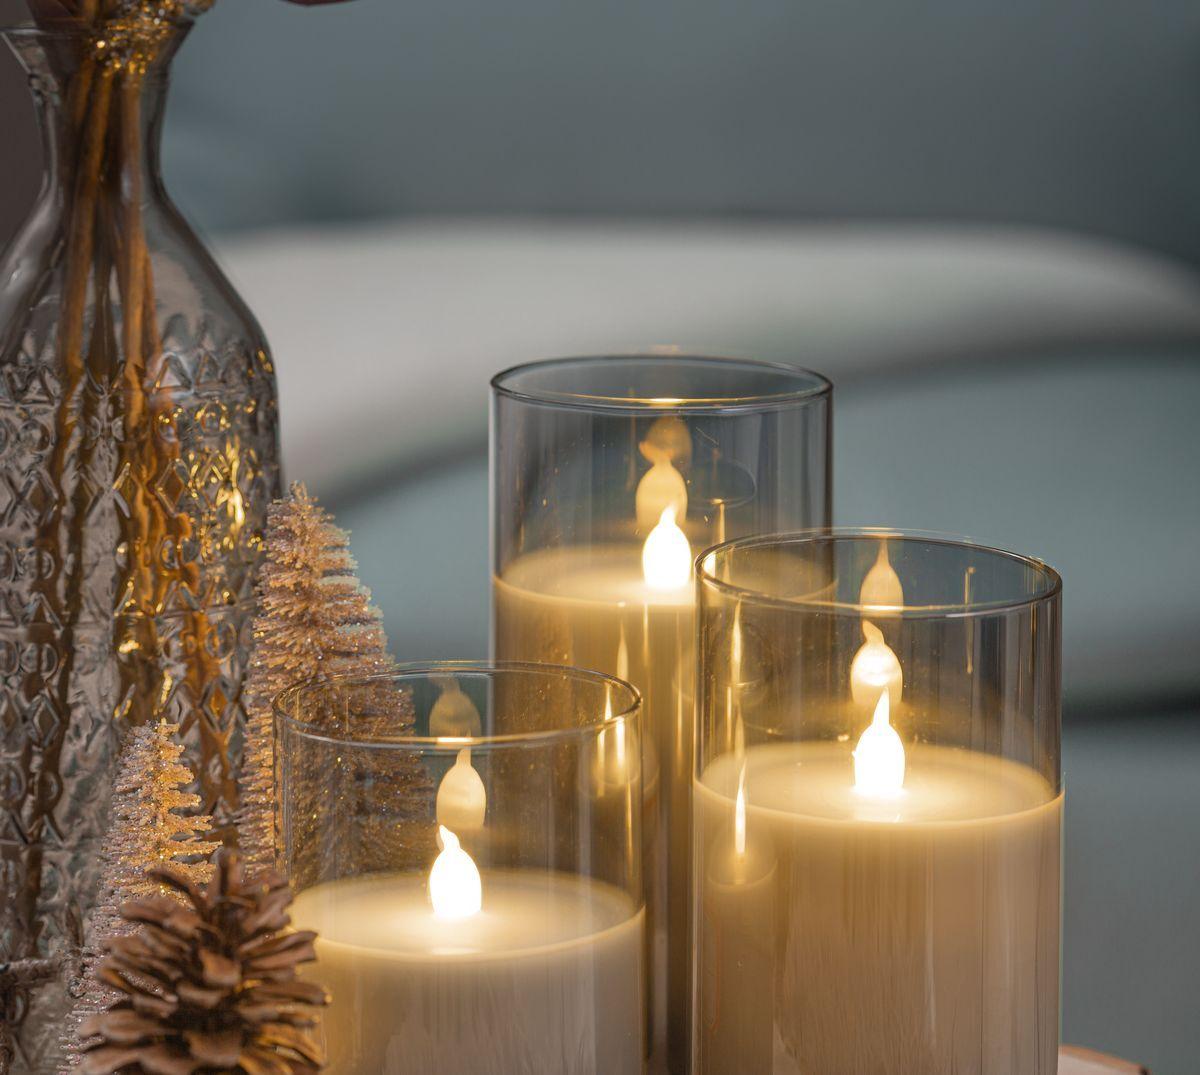 Wunderschone Weihnachtsdeko Mit Led Kerzen Schaffen Edles